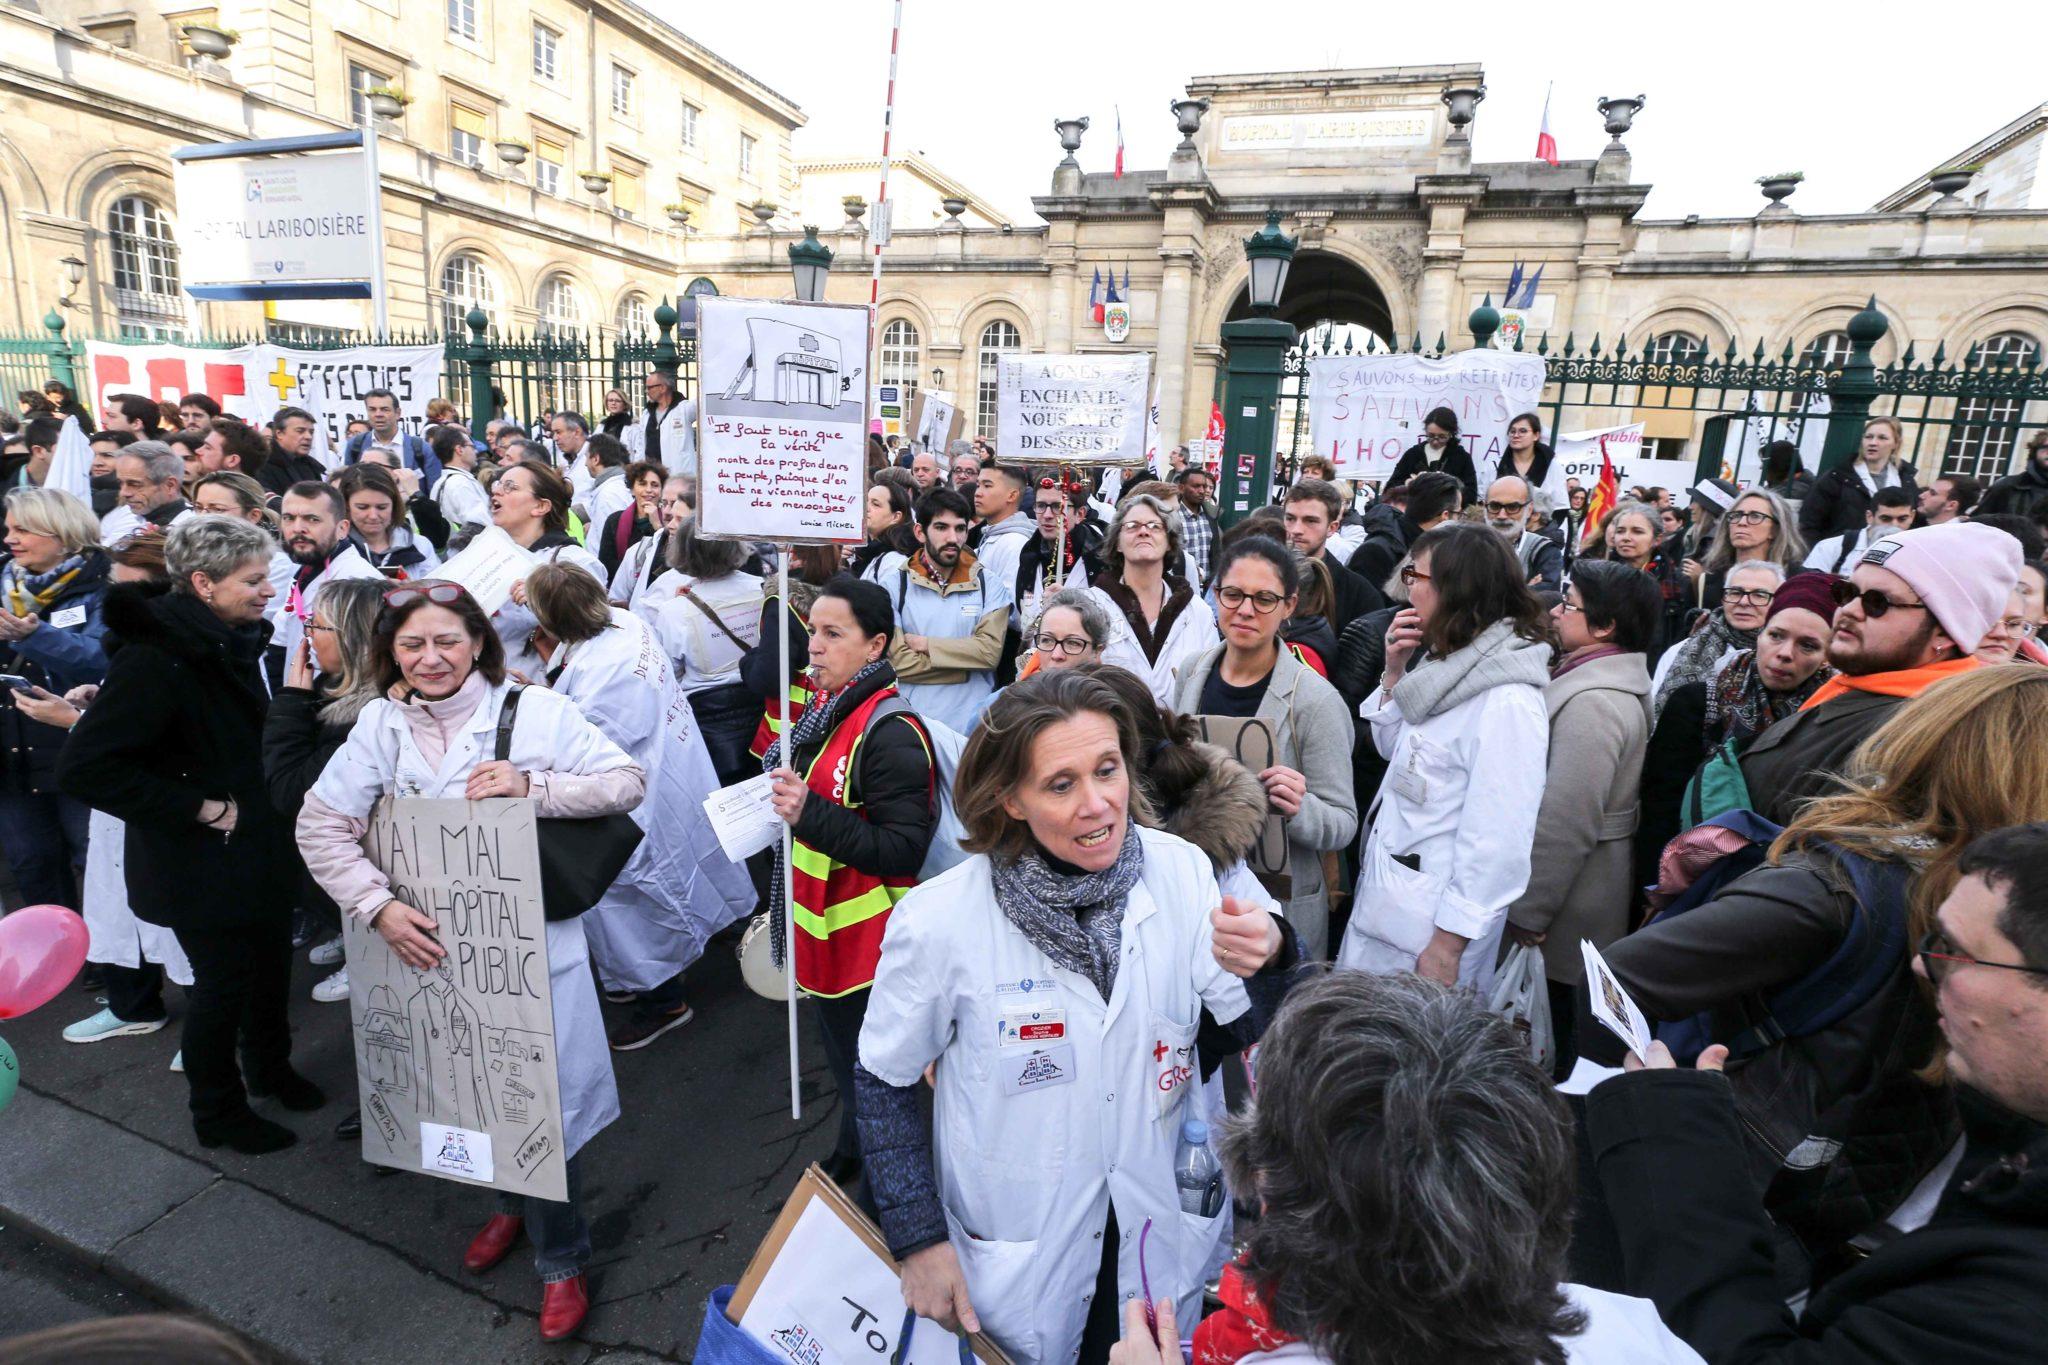 Rassemblement devant l'hôpital Lariboisière. © Michel Stoupak. Mar 17.12.2019, 11:40:03.